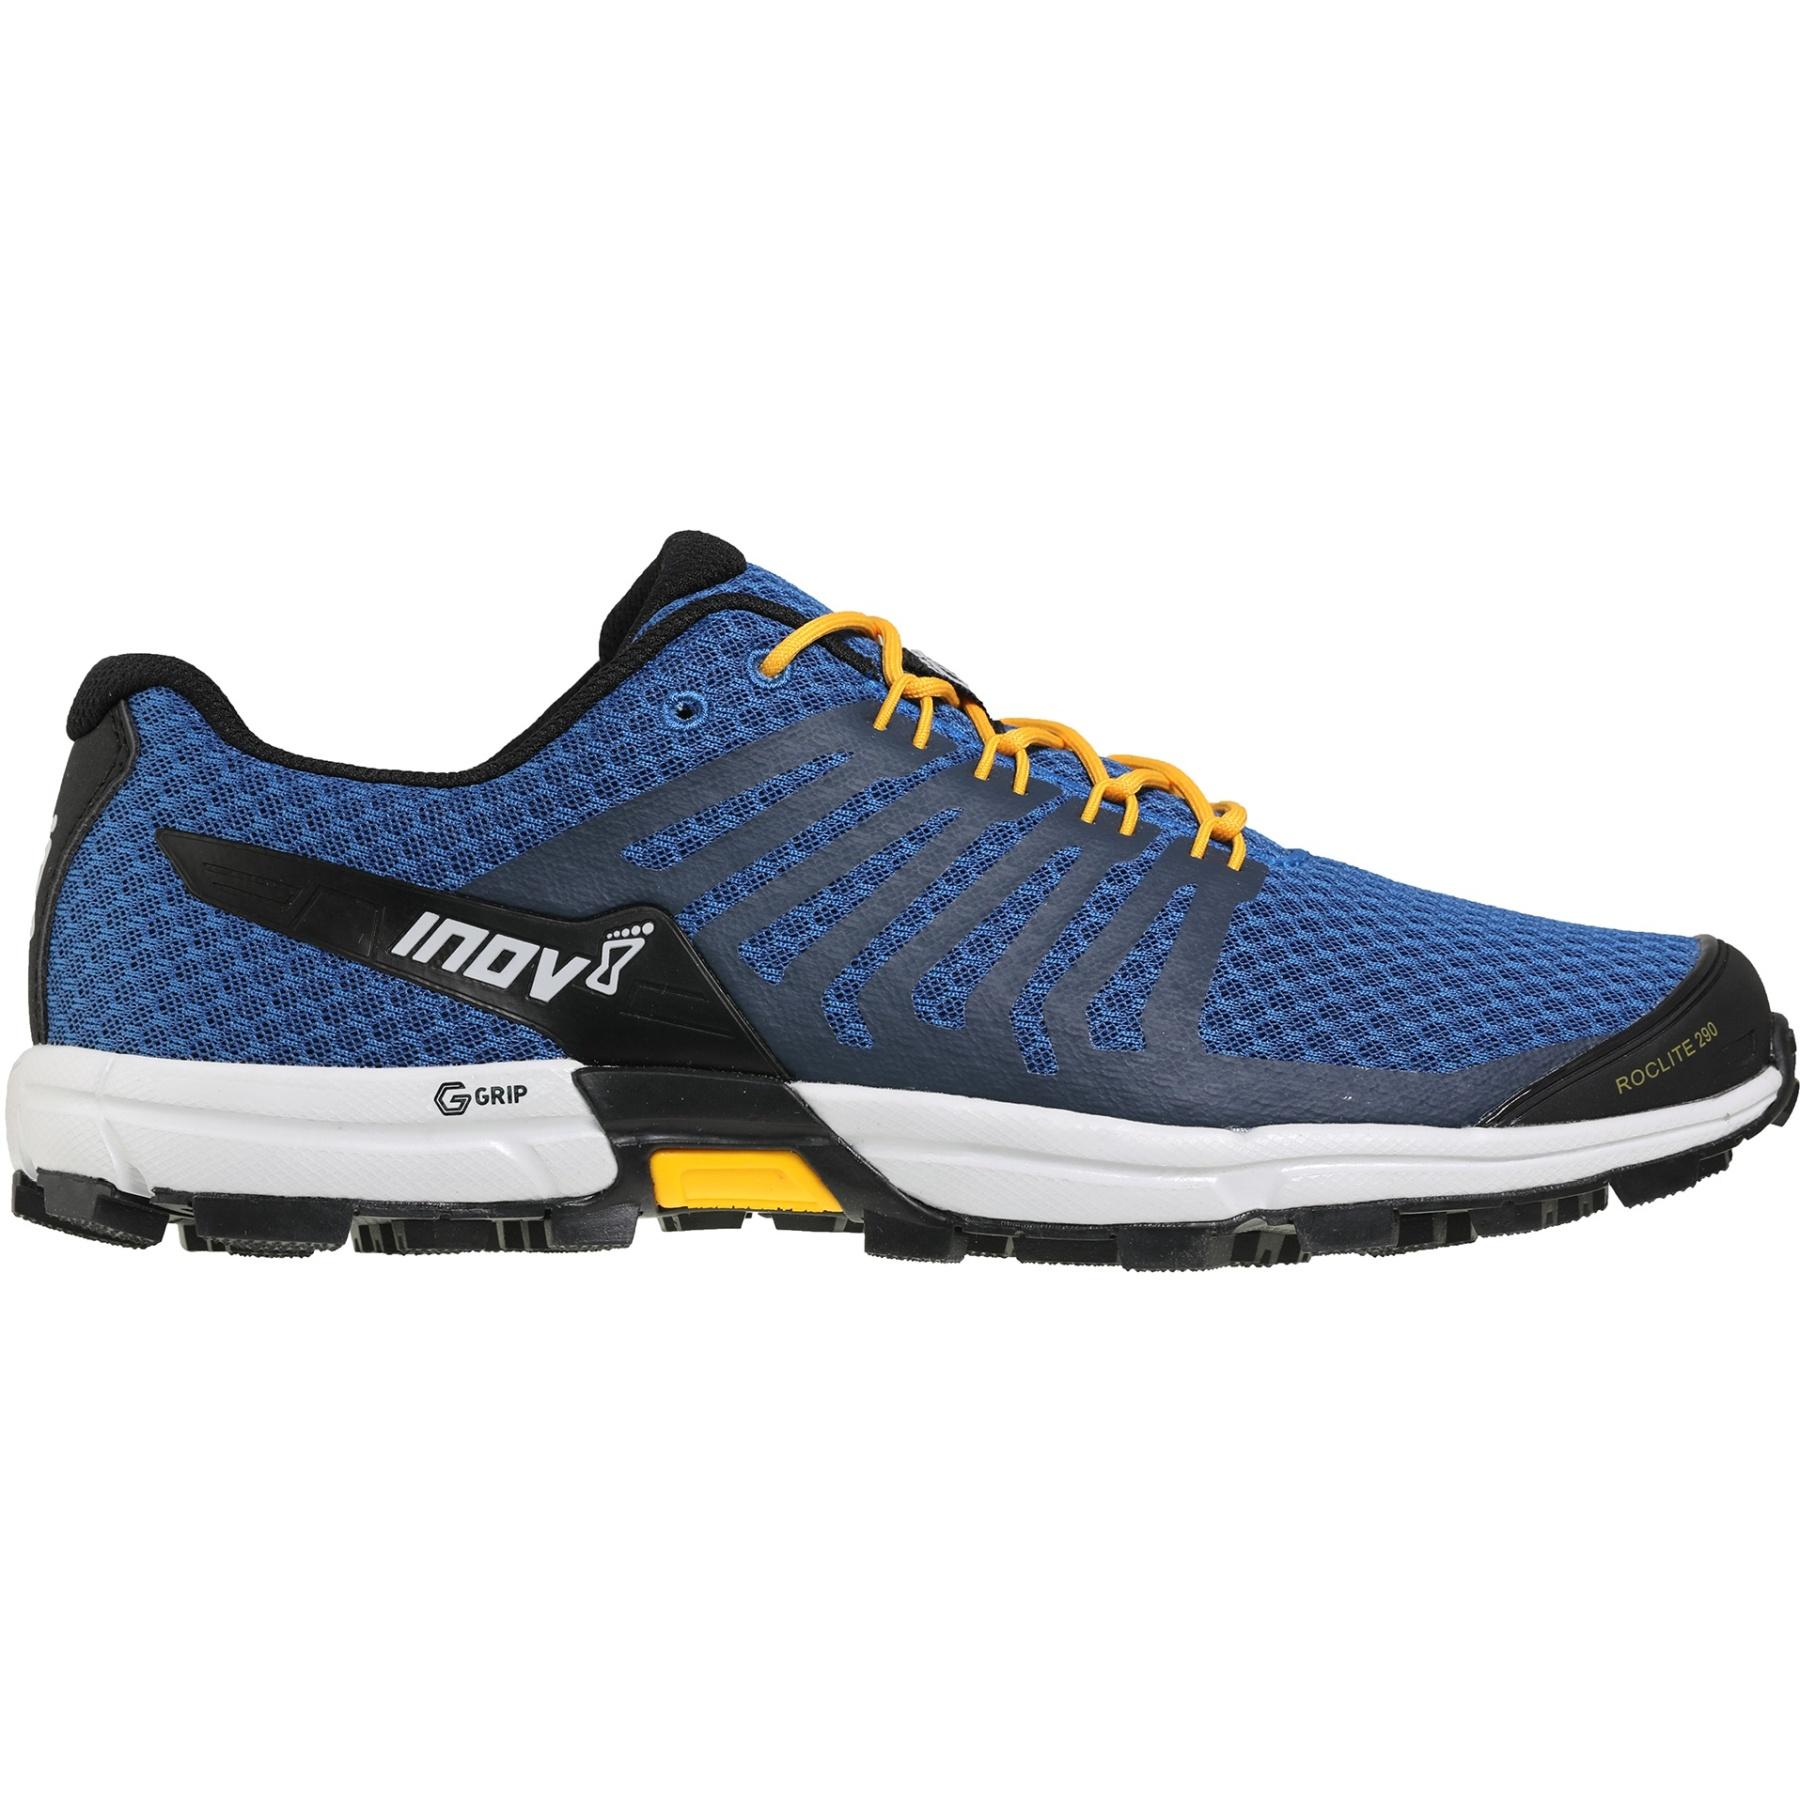 Produktbild von Inov-8 Roclite™ G 290 V2 Trail Laufschuhe - blue/yellow